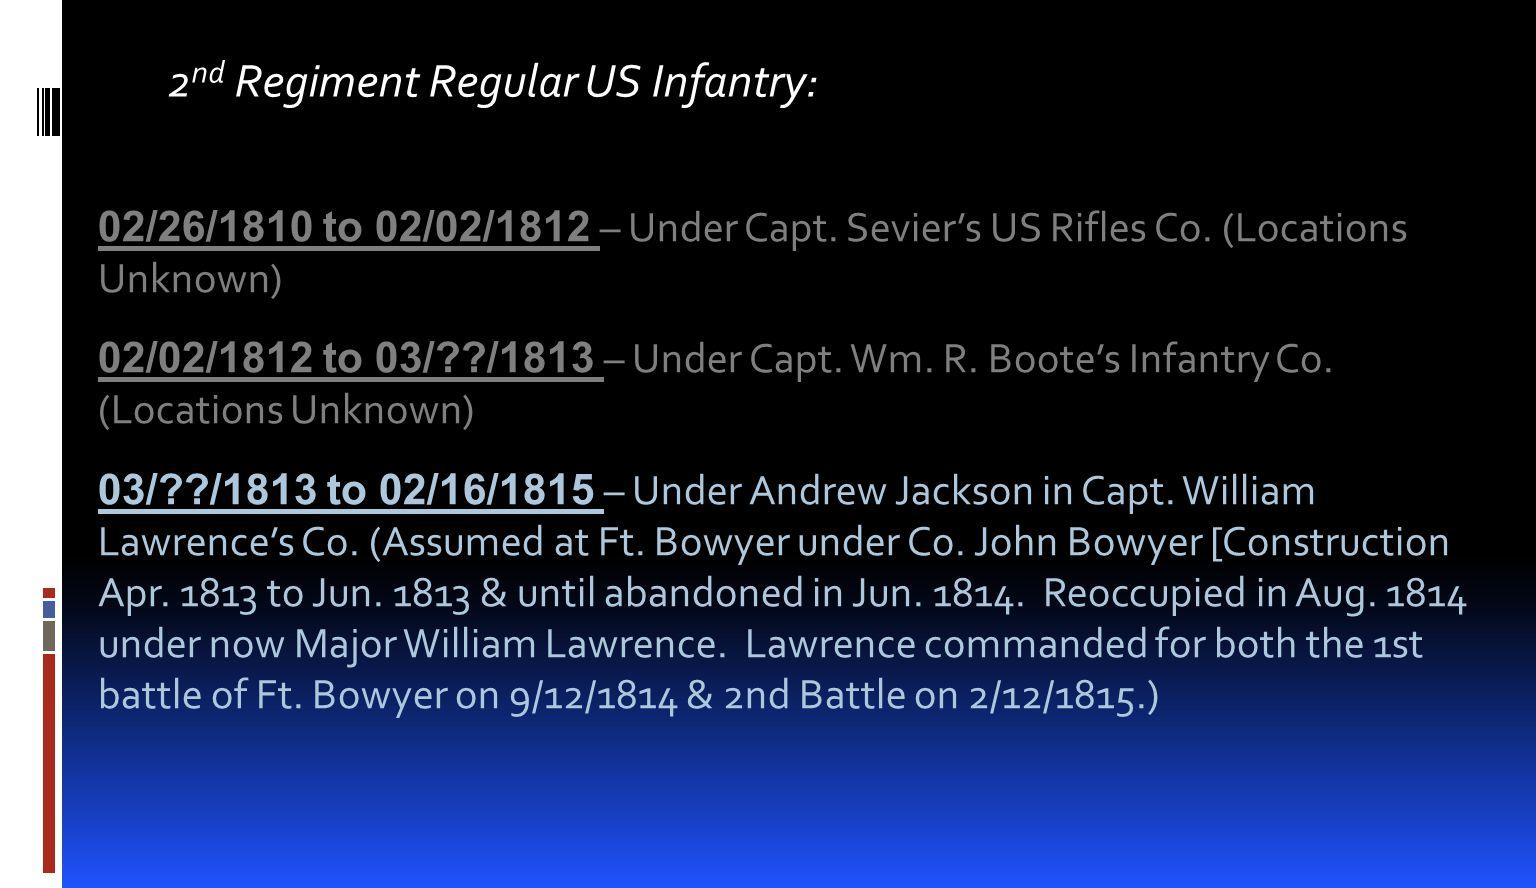 2nd Regiment Regular US Infantry: